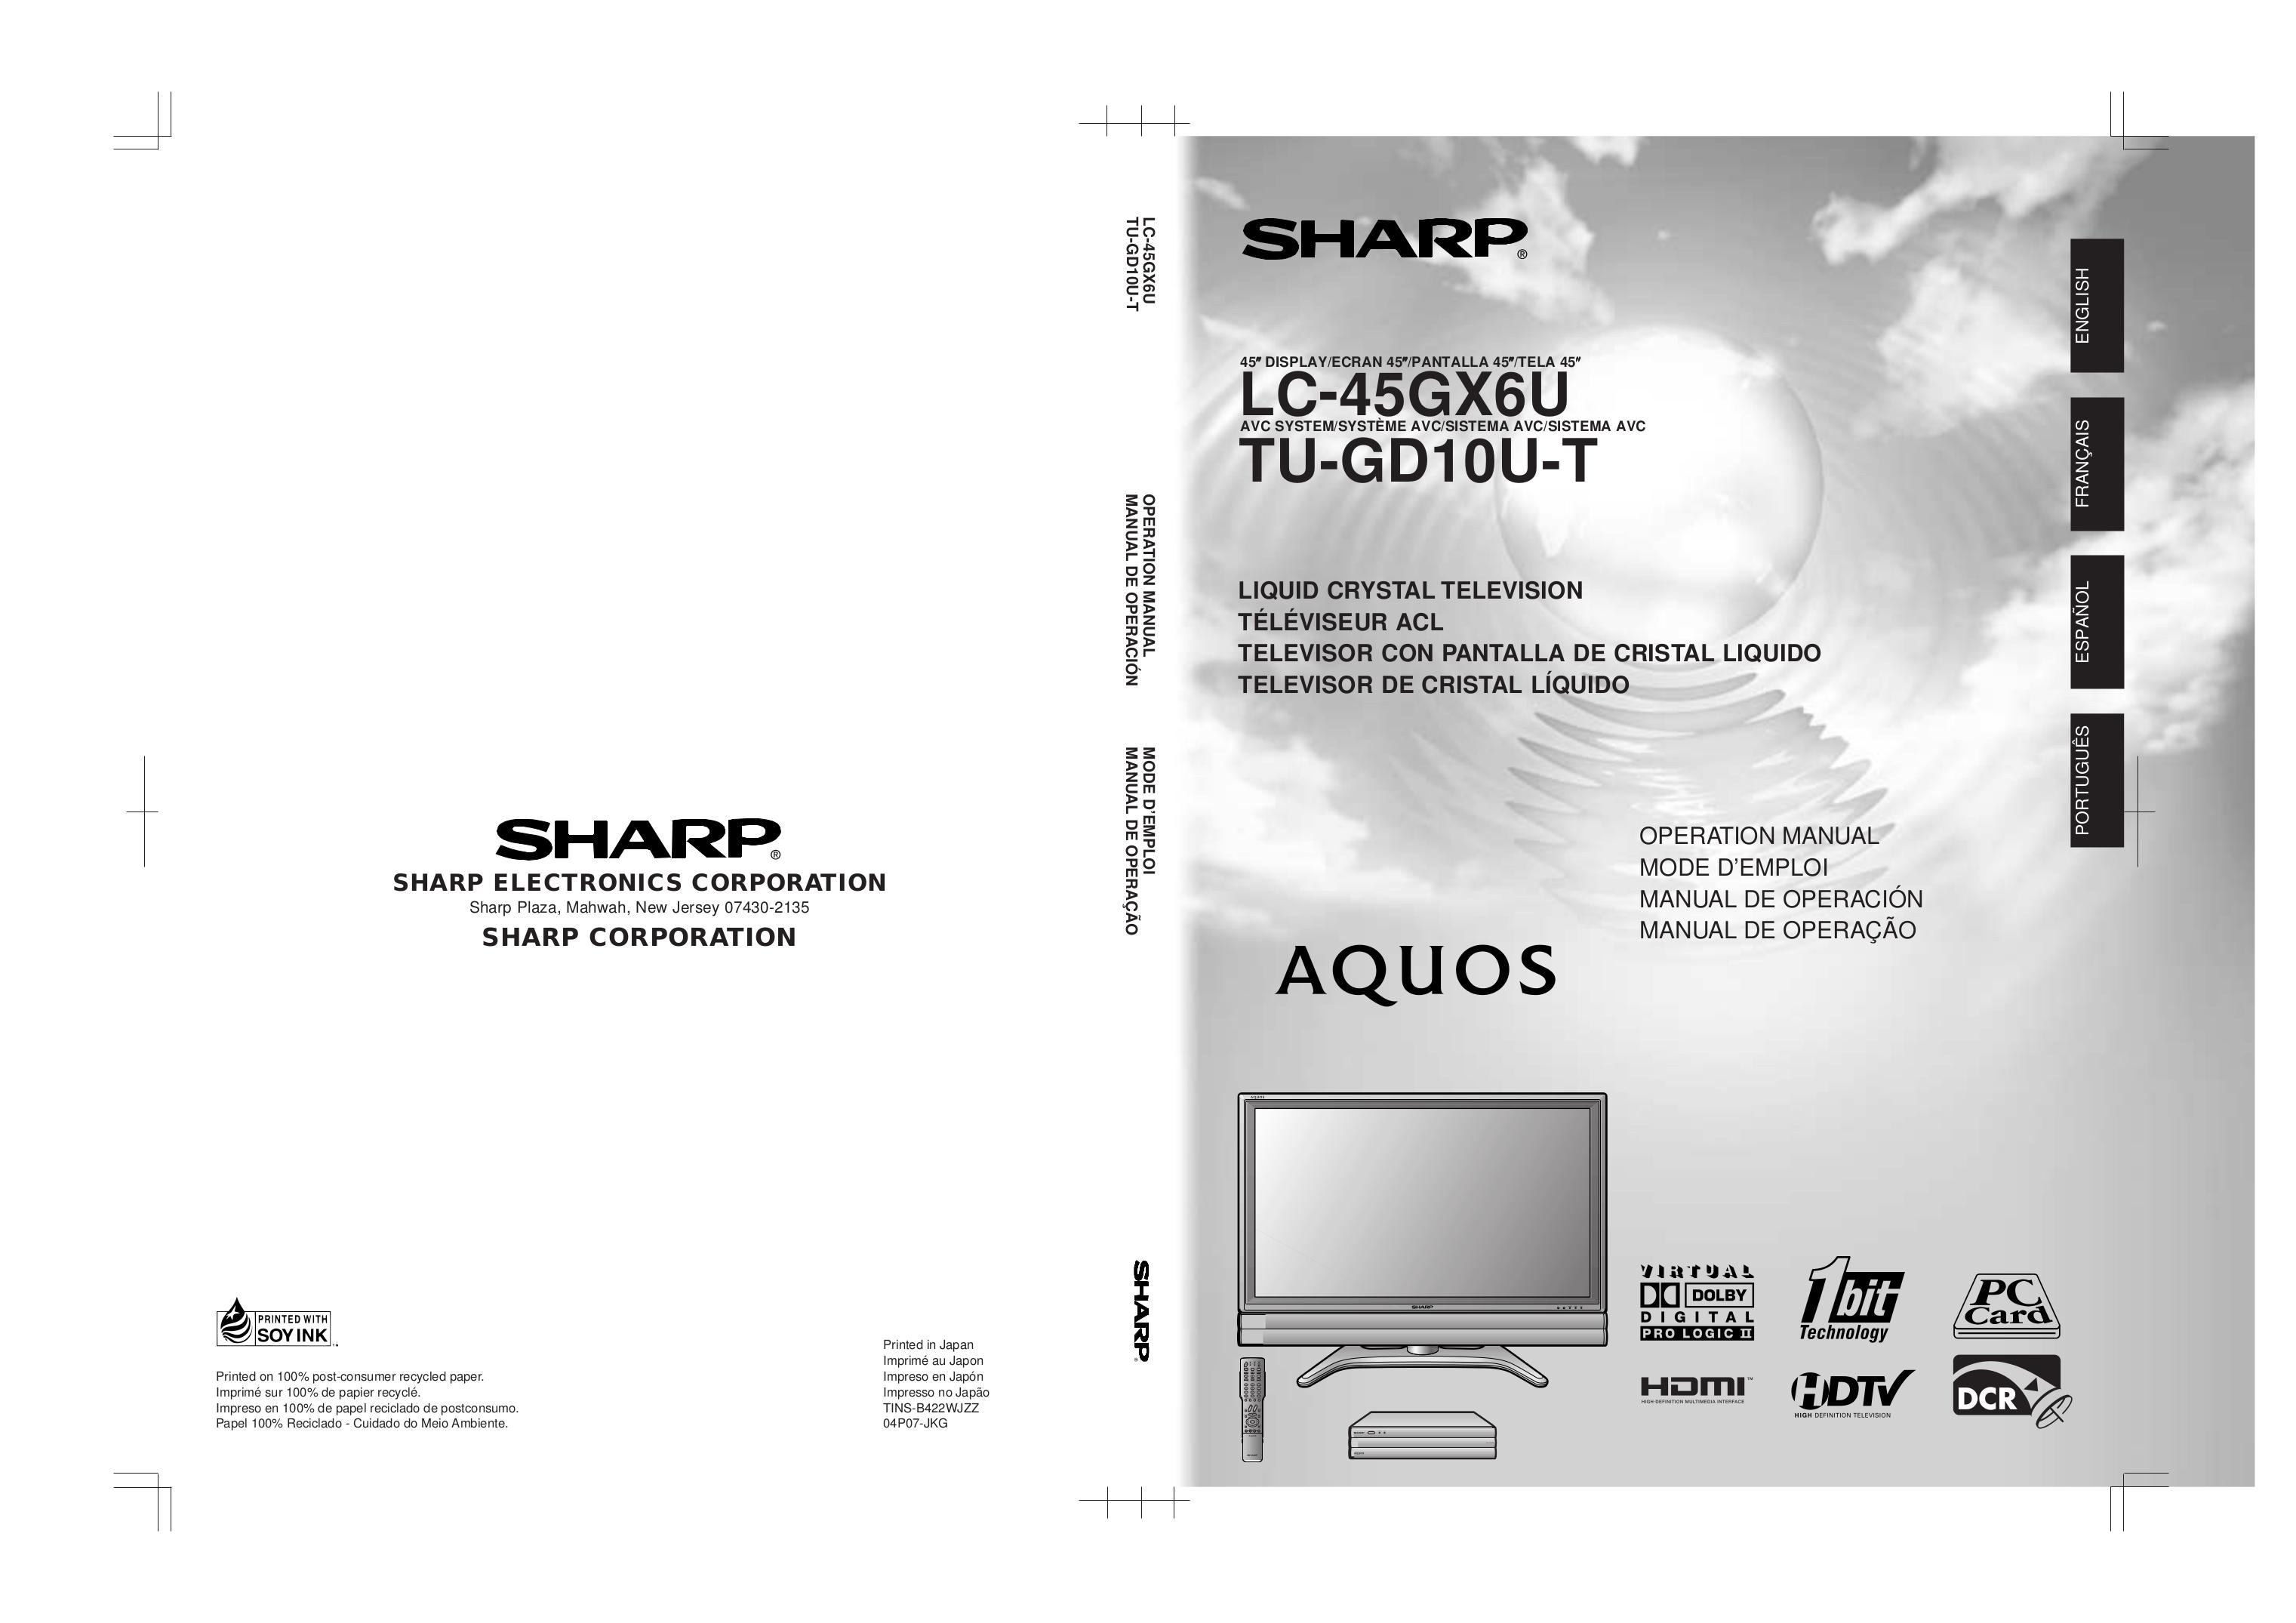 инструкция для sharp lc